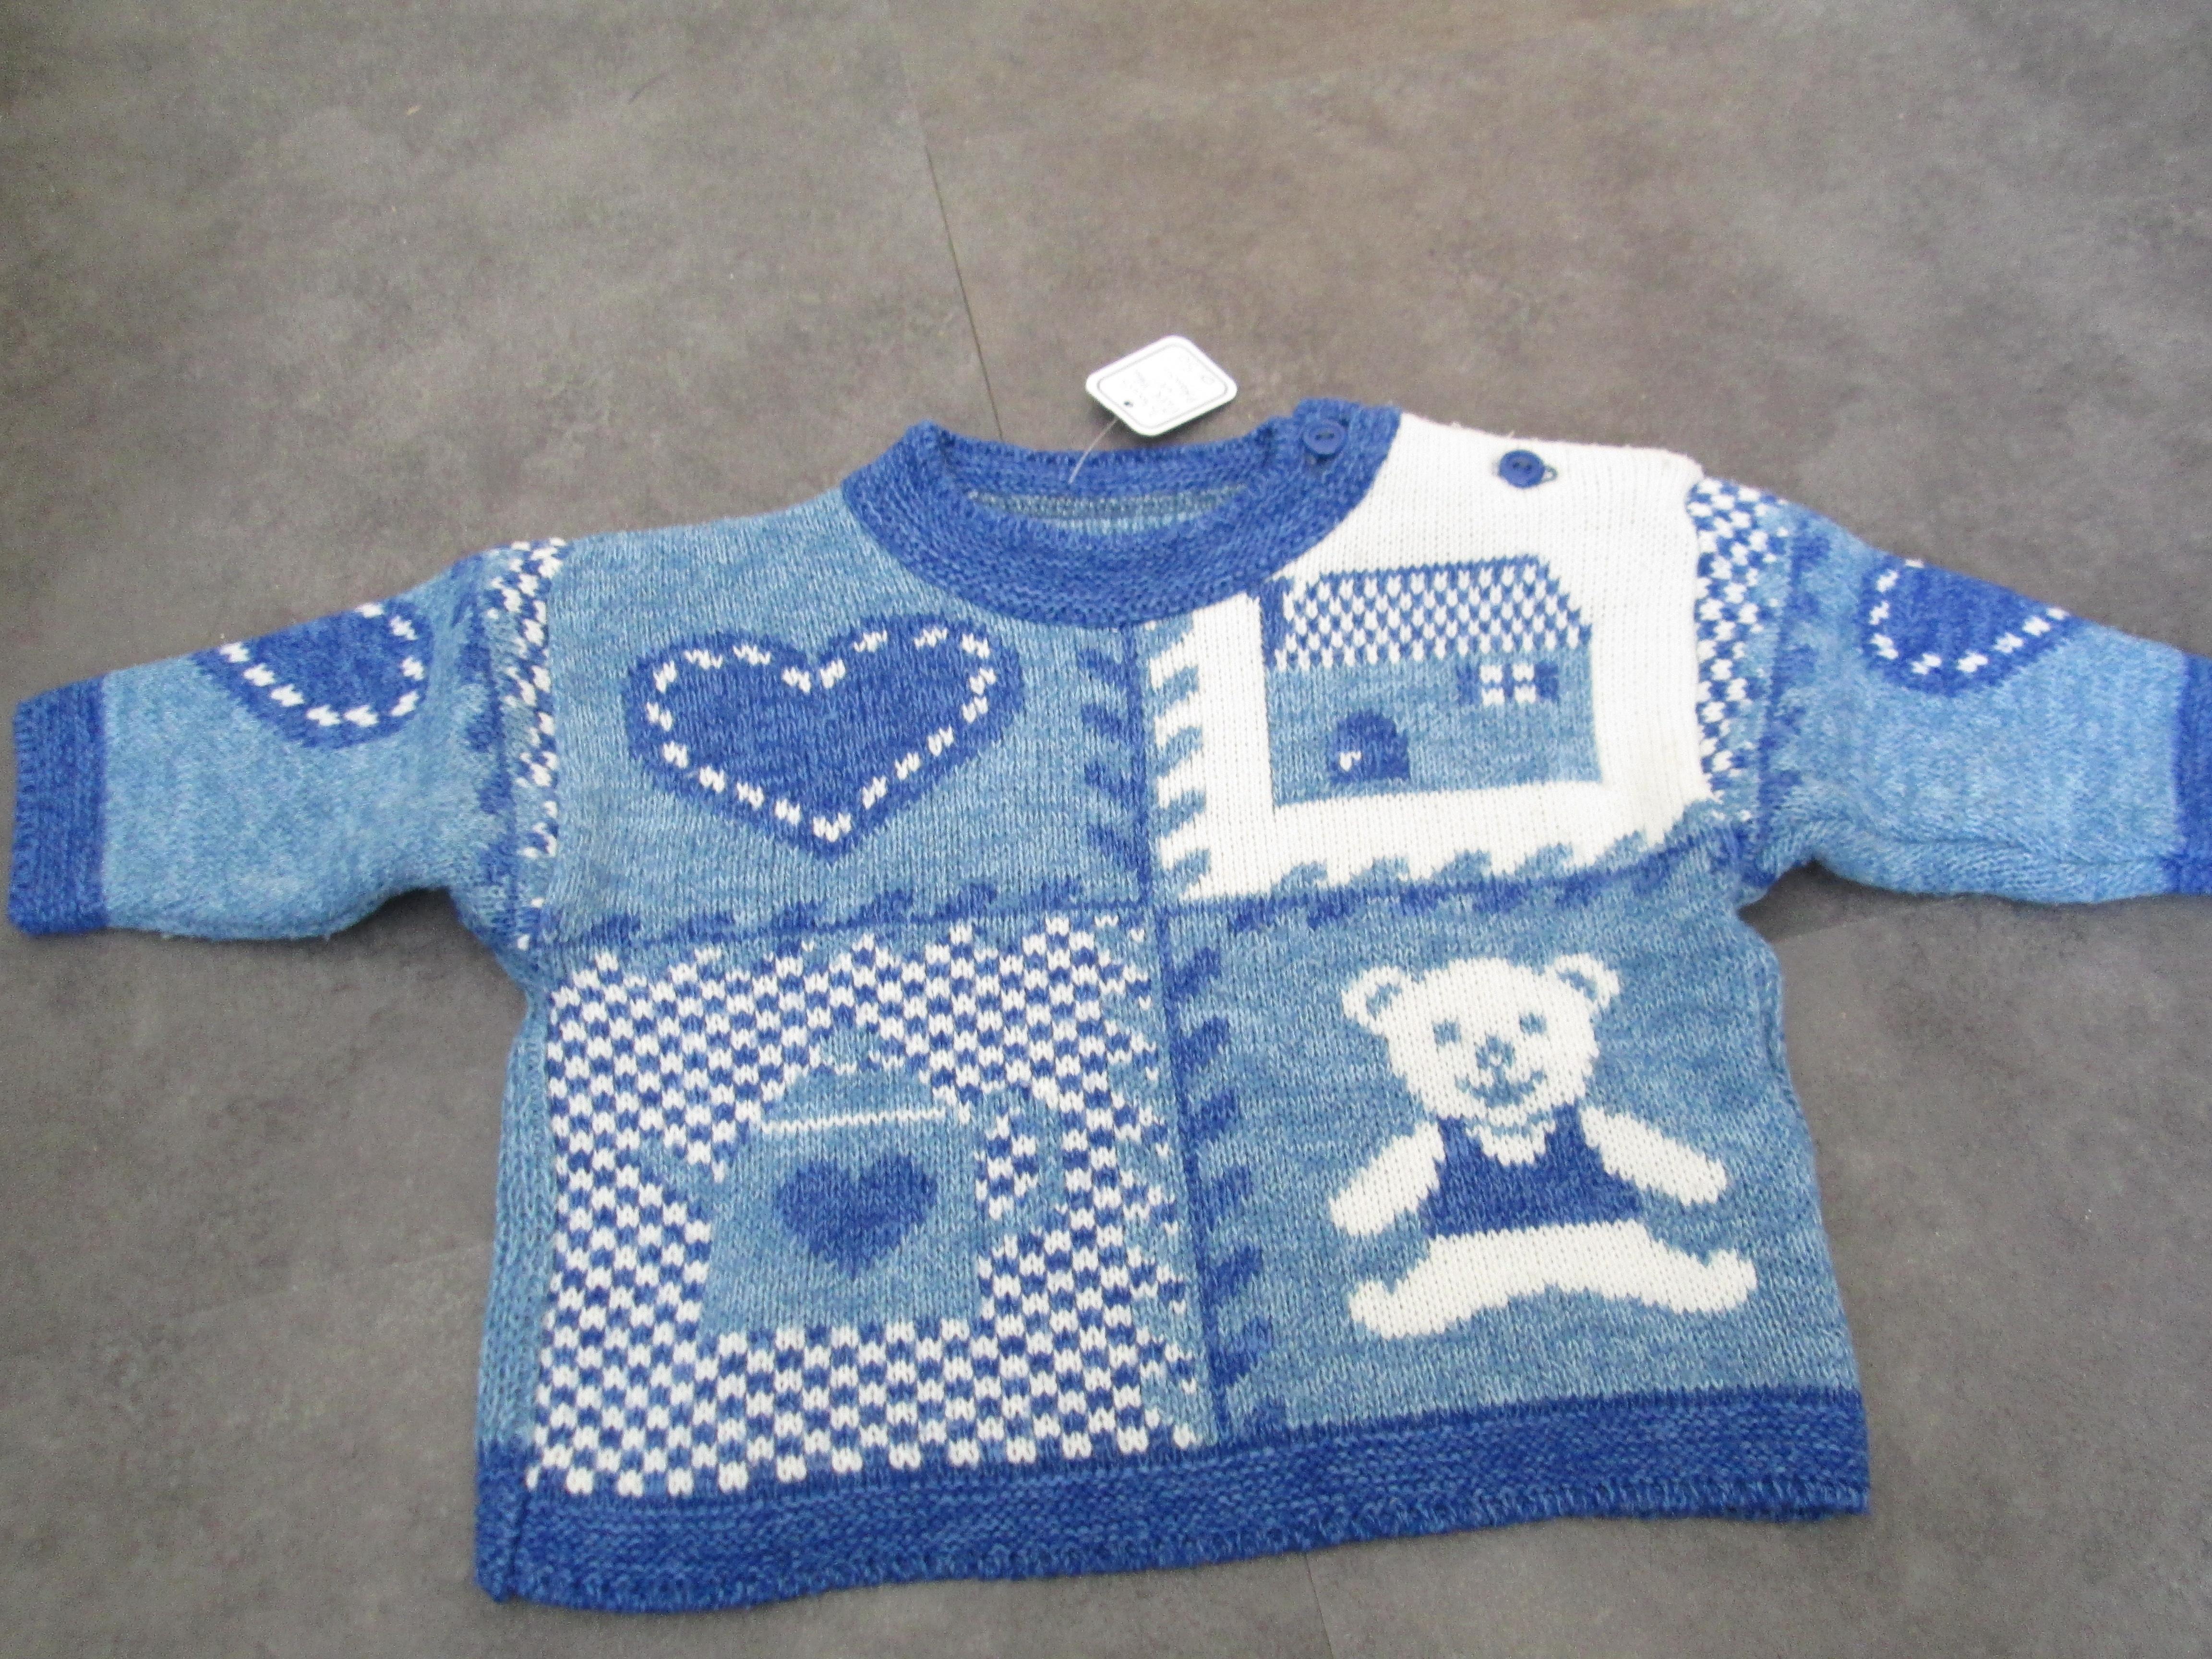 troc de troc pull 3 mois bleu et blanc laine attache côté 3 noisettes image 0